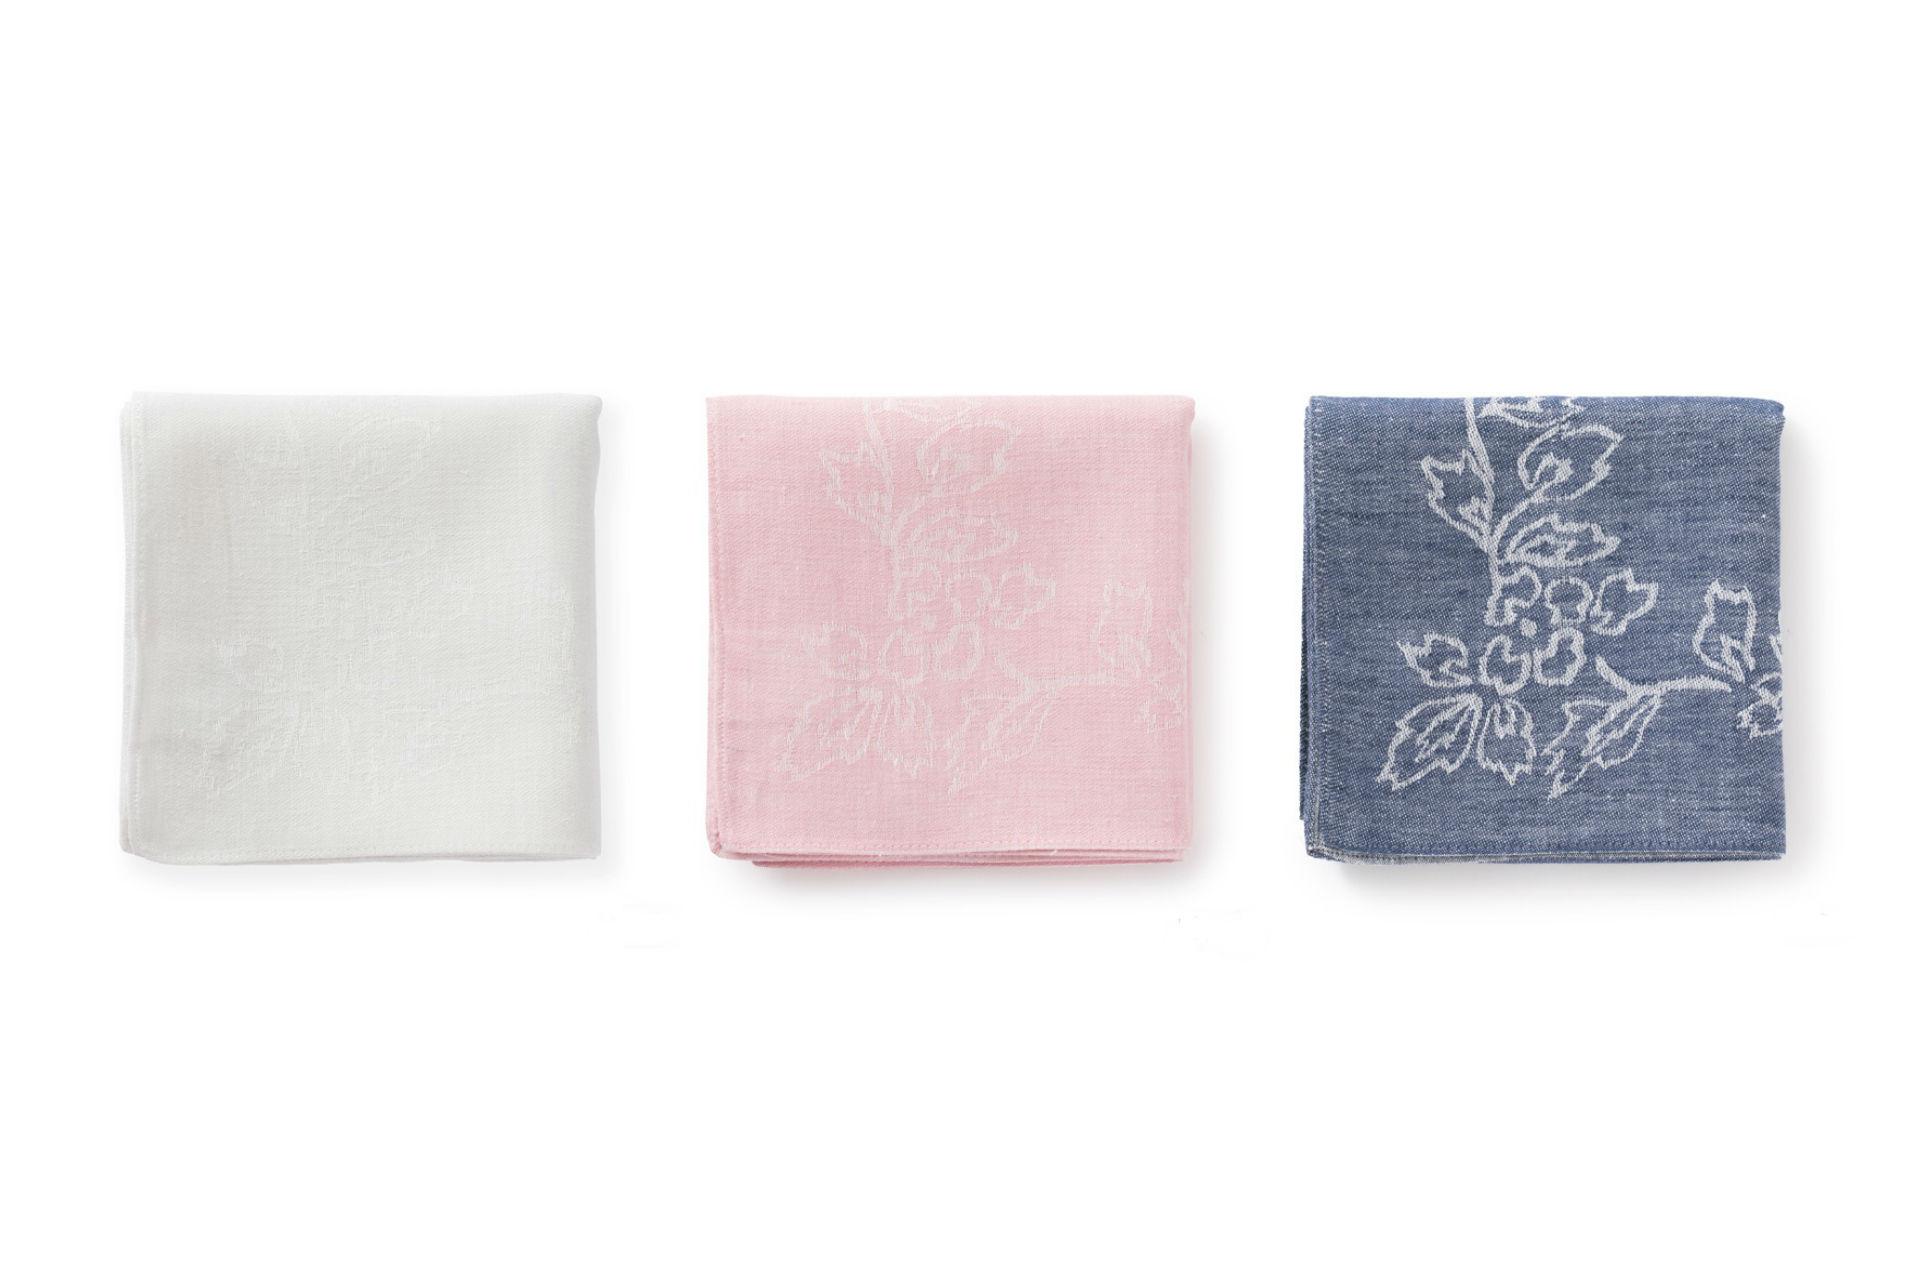 こちらが完成した復刻版。白、ピンク、紺の3色が生まれました